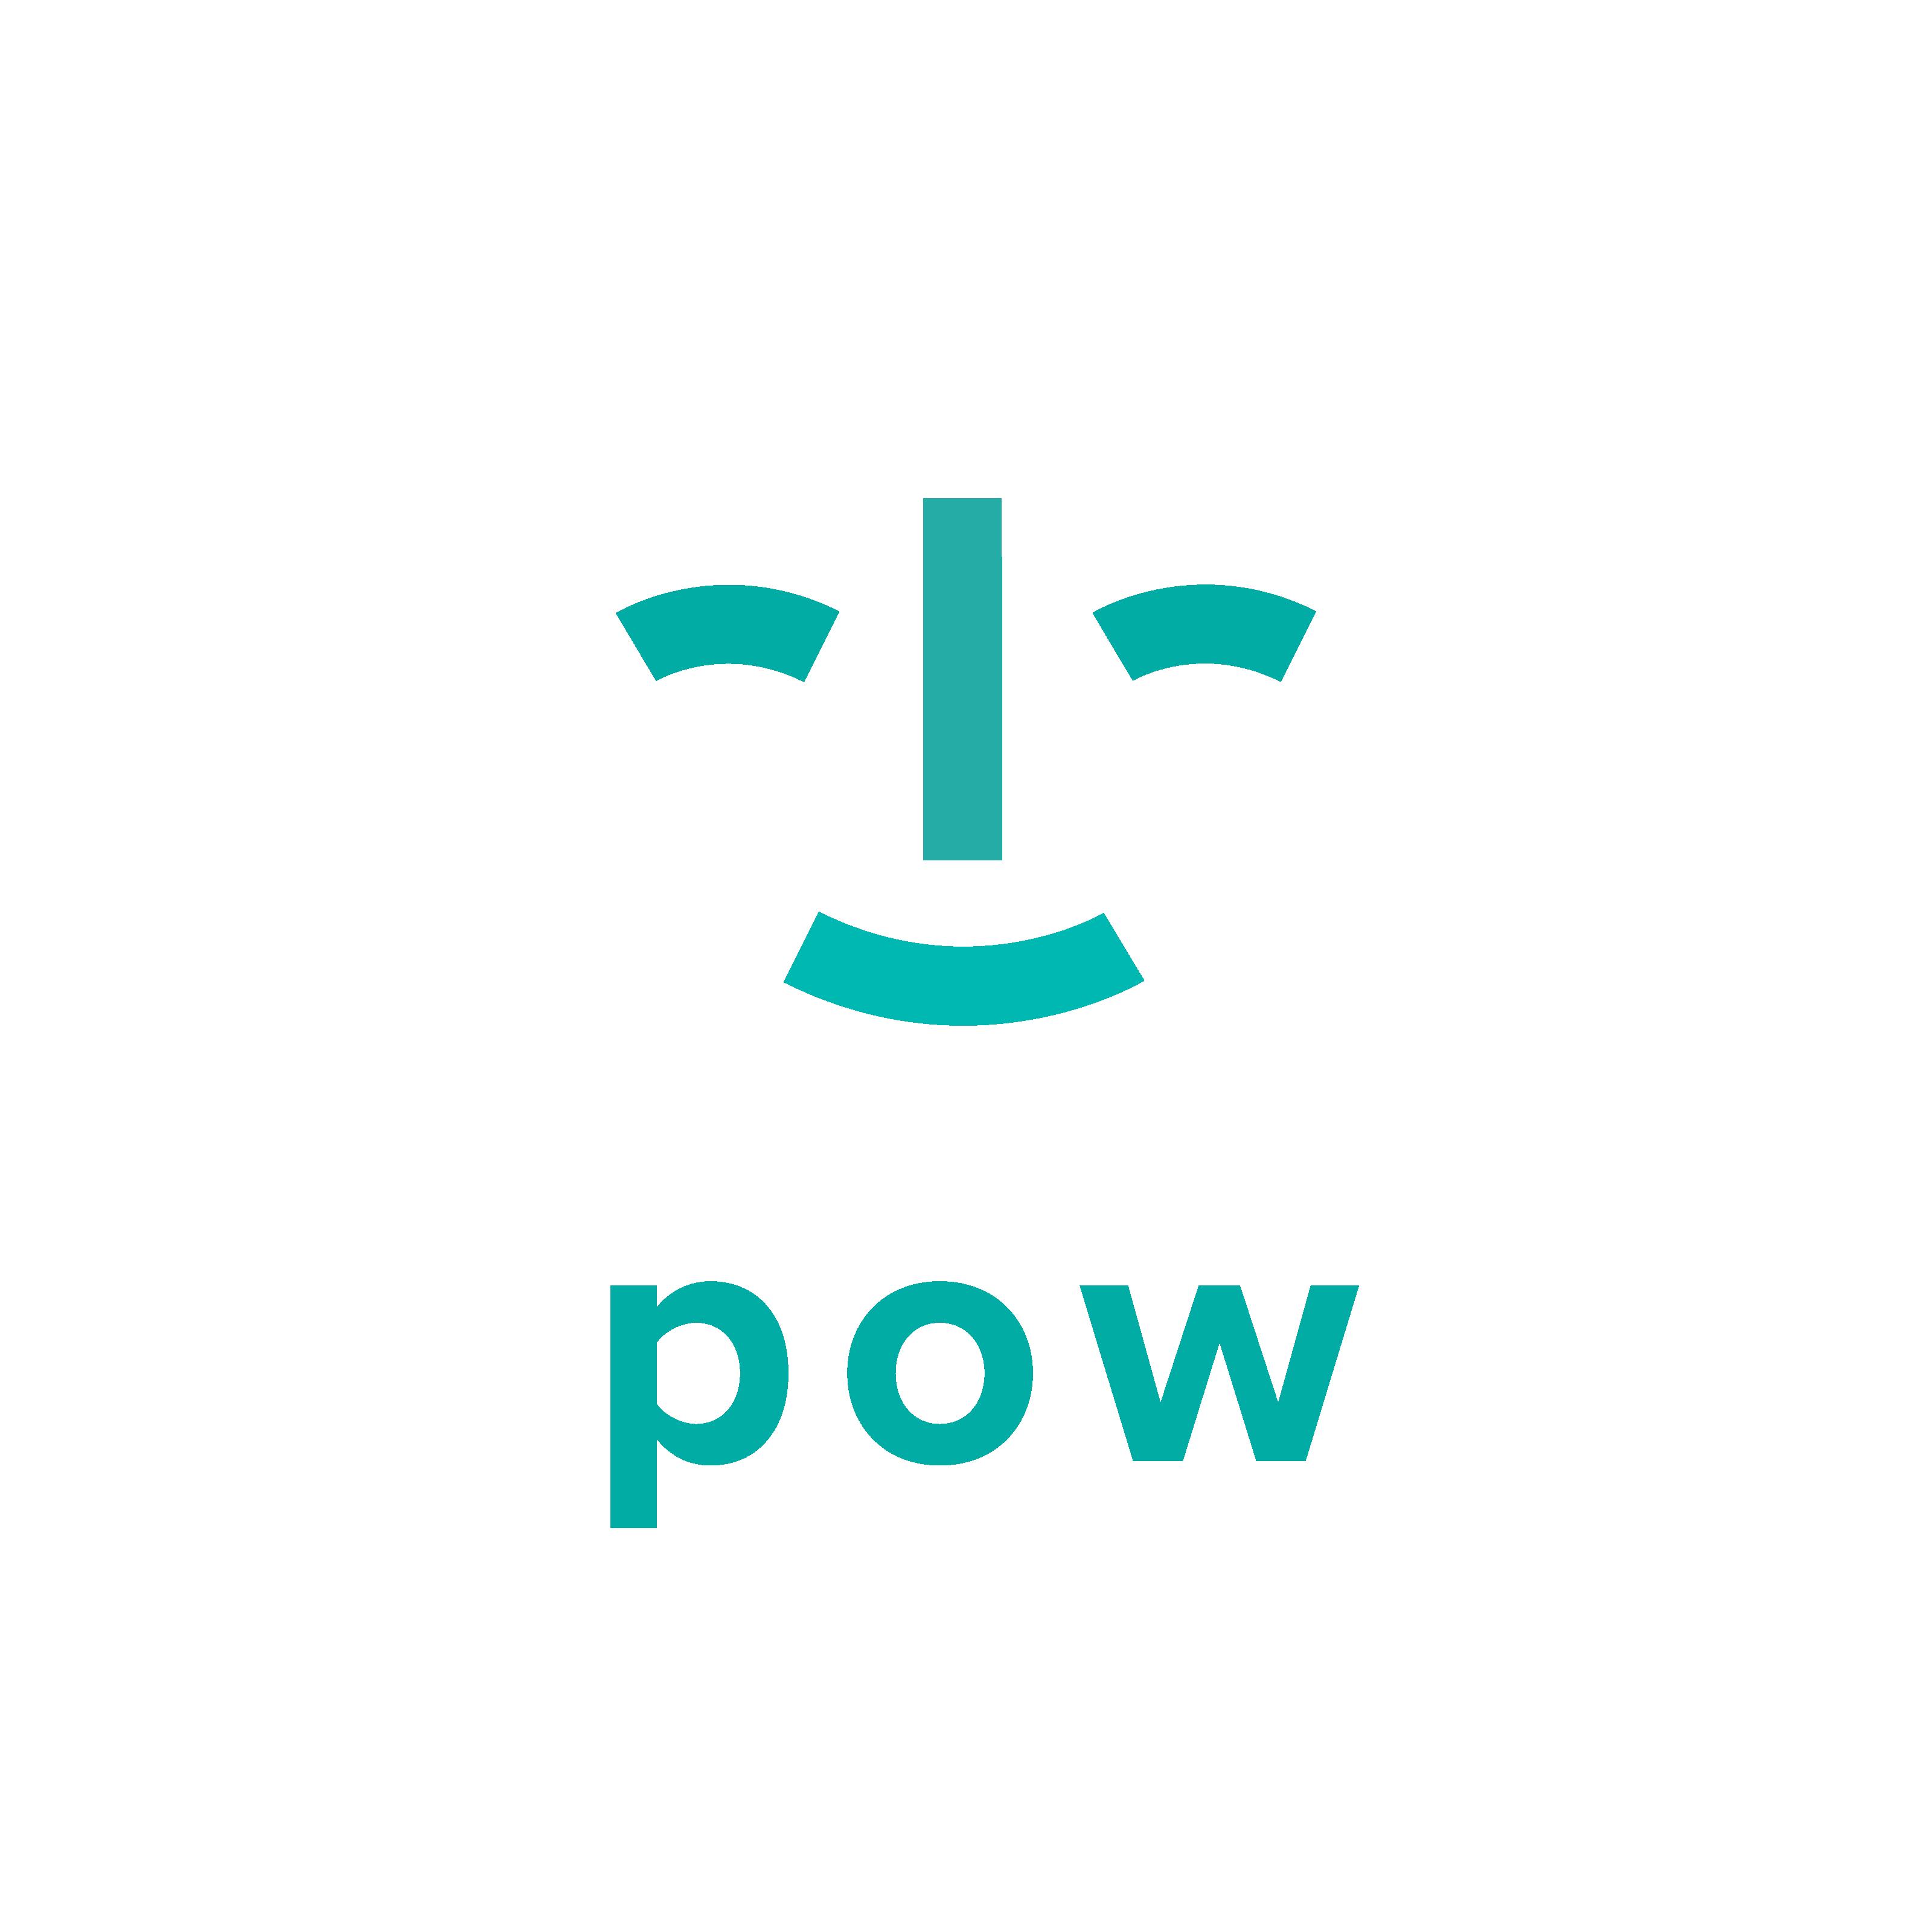 POW team logo image square